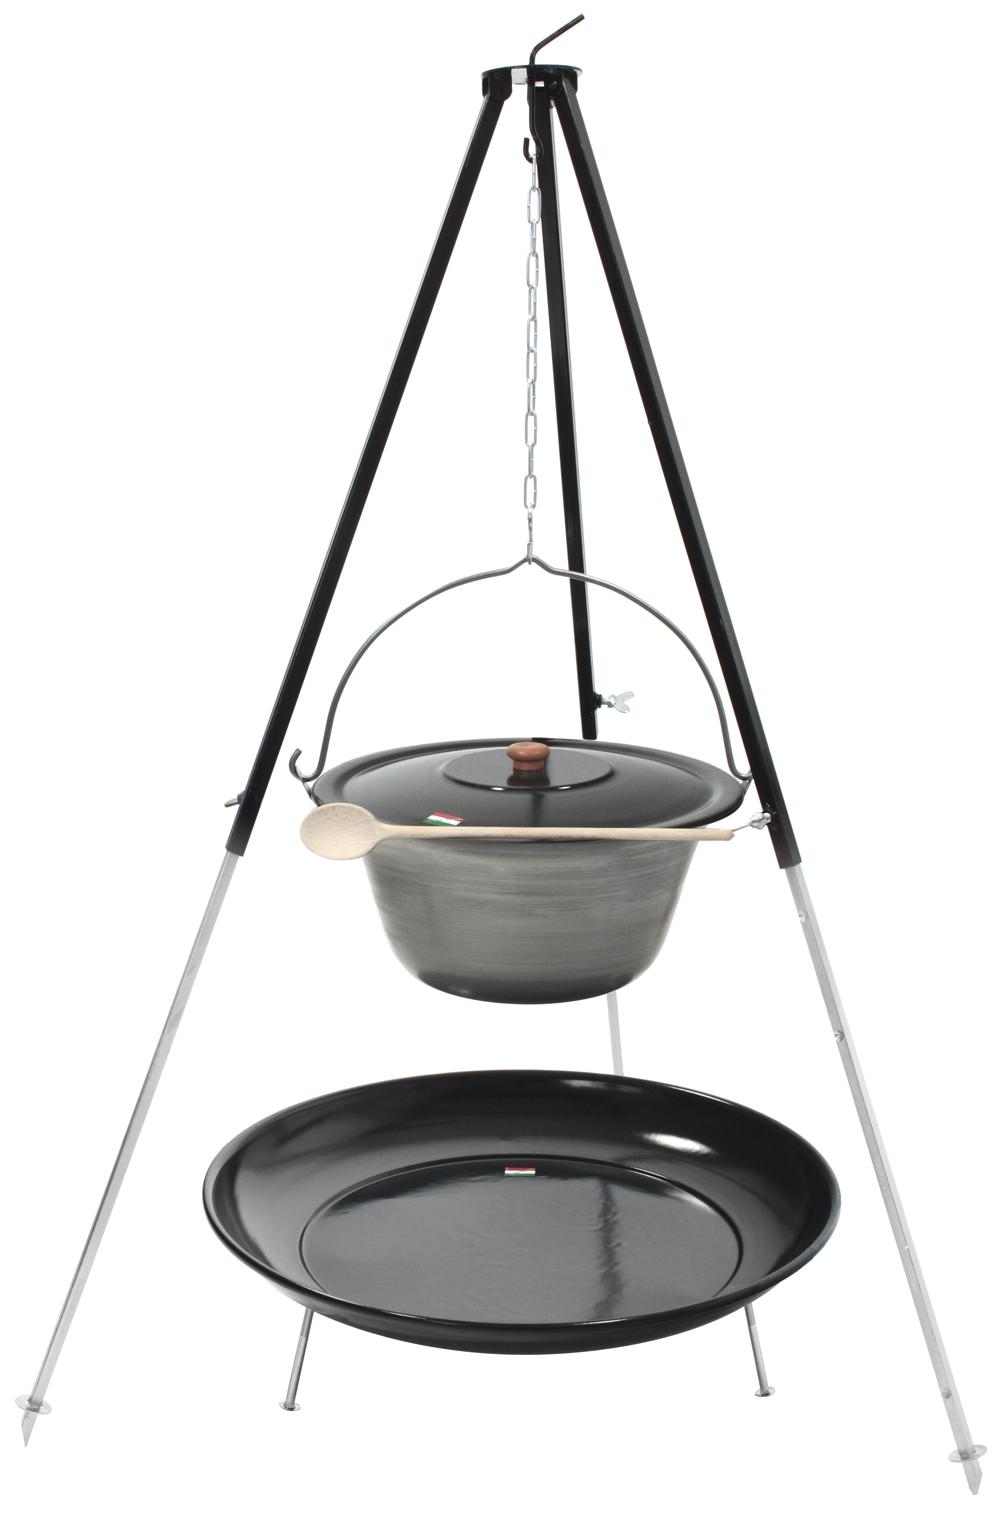 original eisen gulaschkessel 10 liter mit dreibein deckel feuerstelle 10l topf ebay. Black Bedroom Furniture Sets. Home Design Ideas